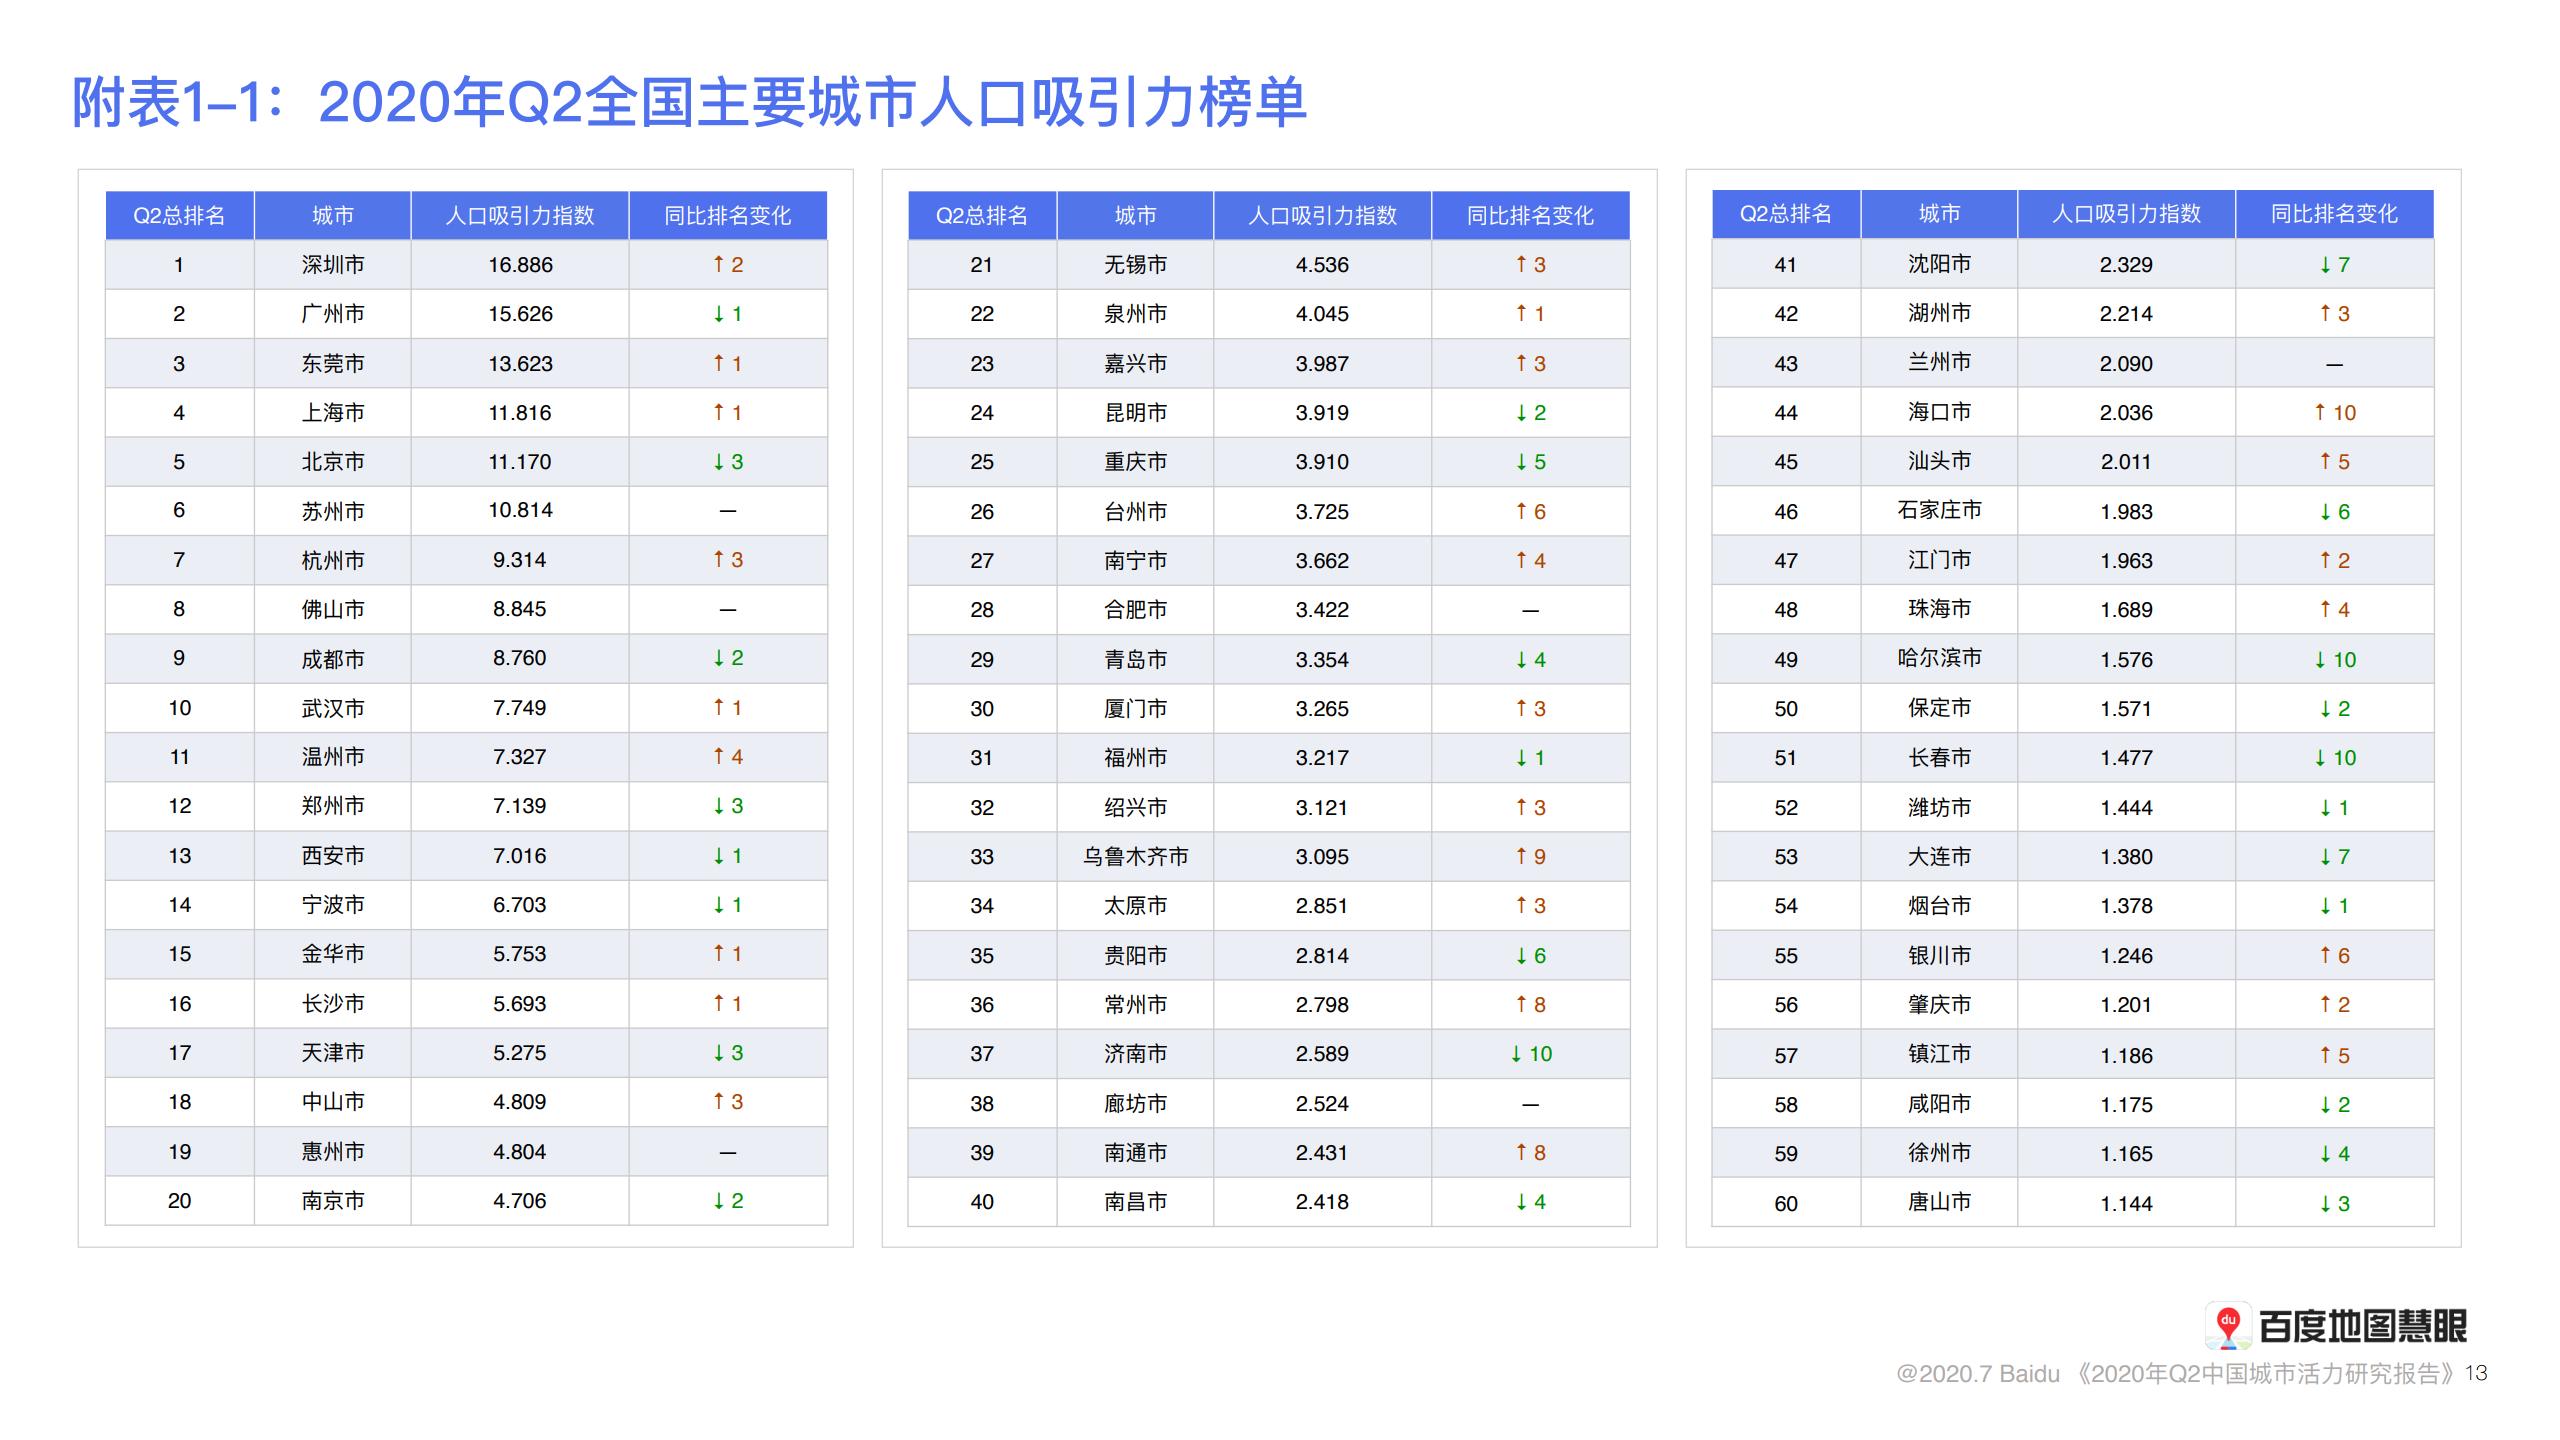 中城市人口排名2020_城市常住人口排名2020